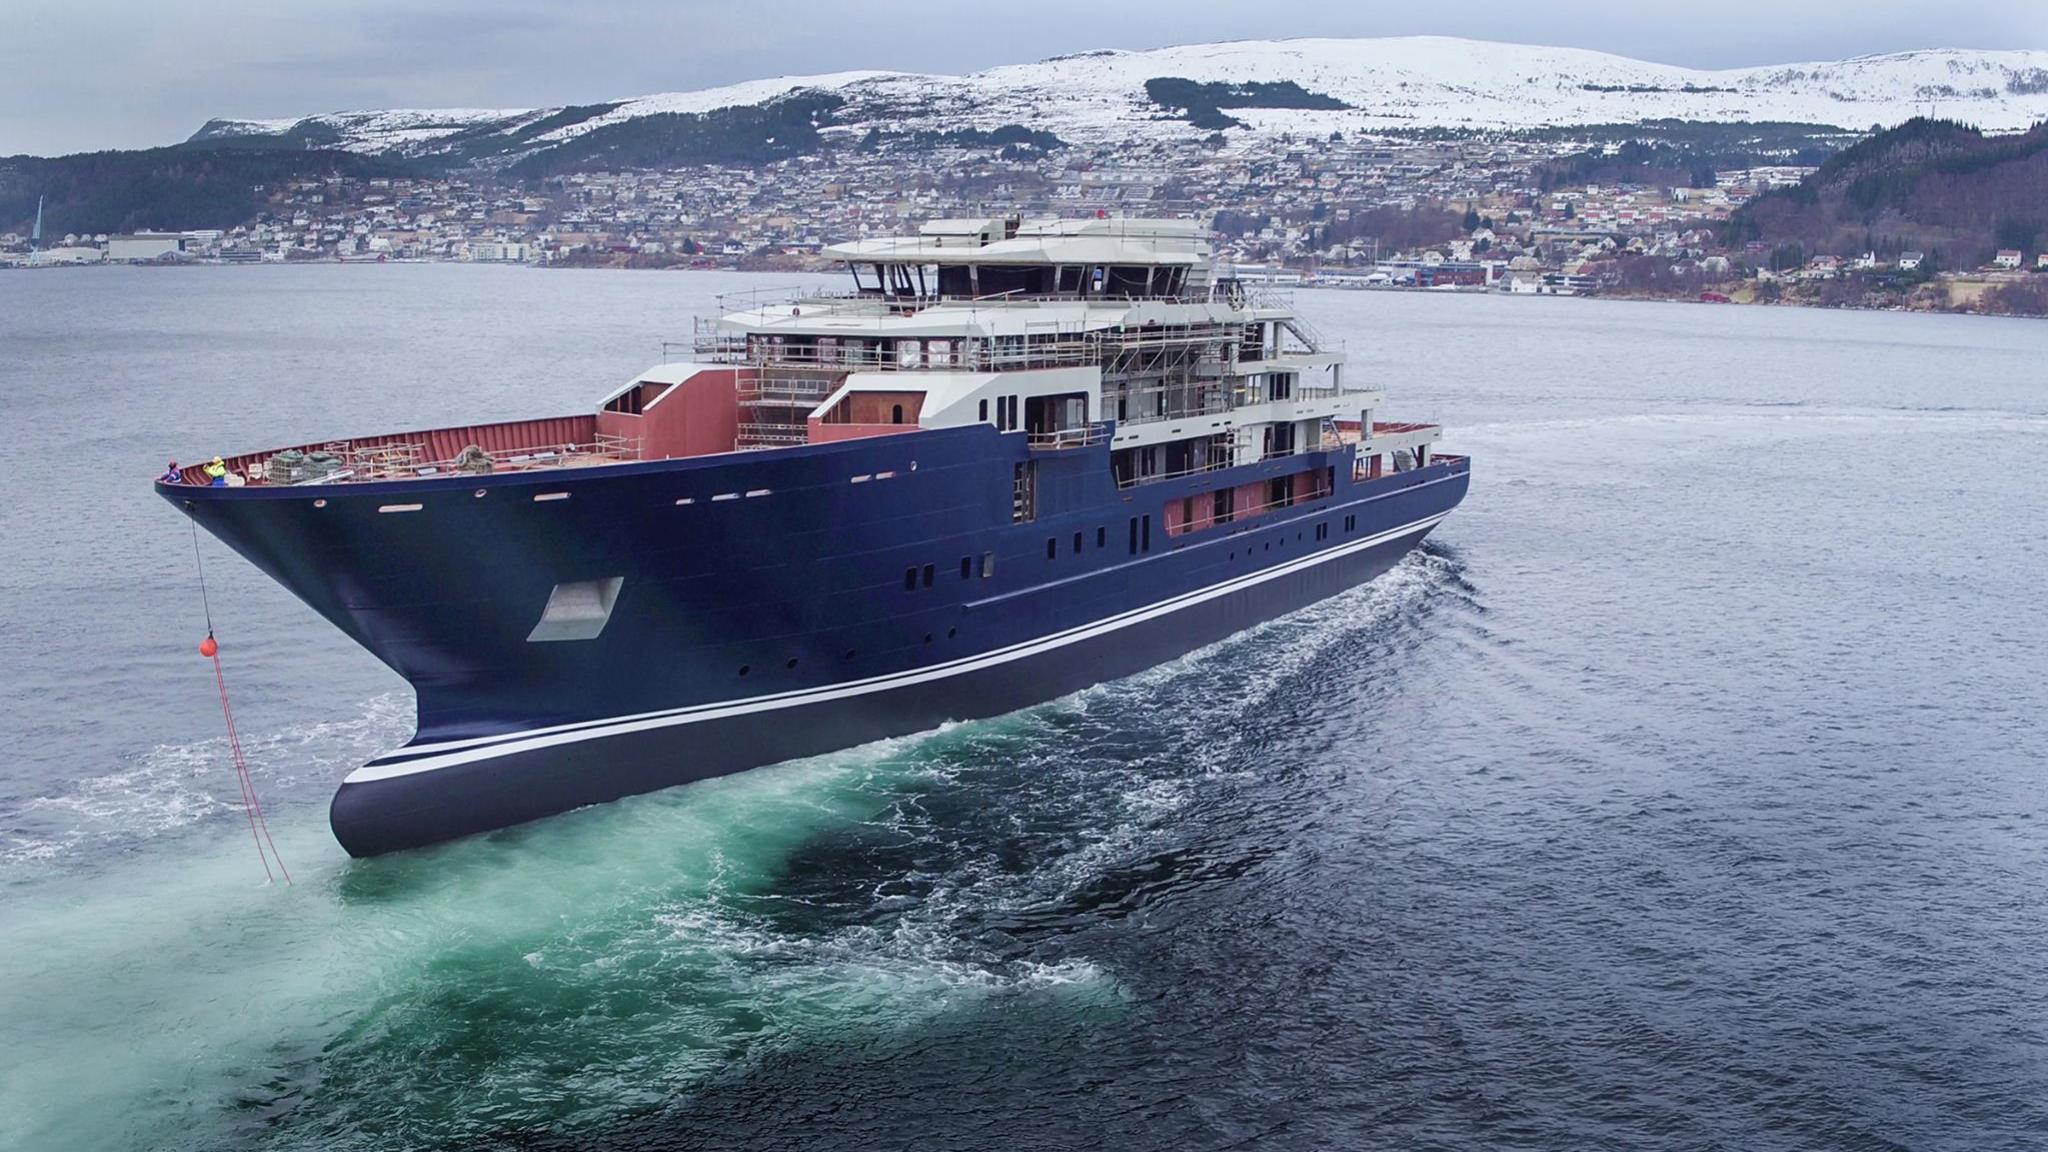 kleven-370-explorer-yacht-2016-116m-half-profile